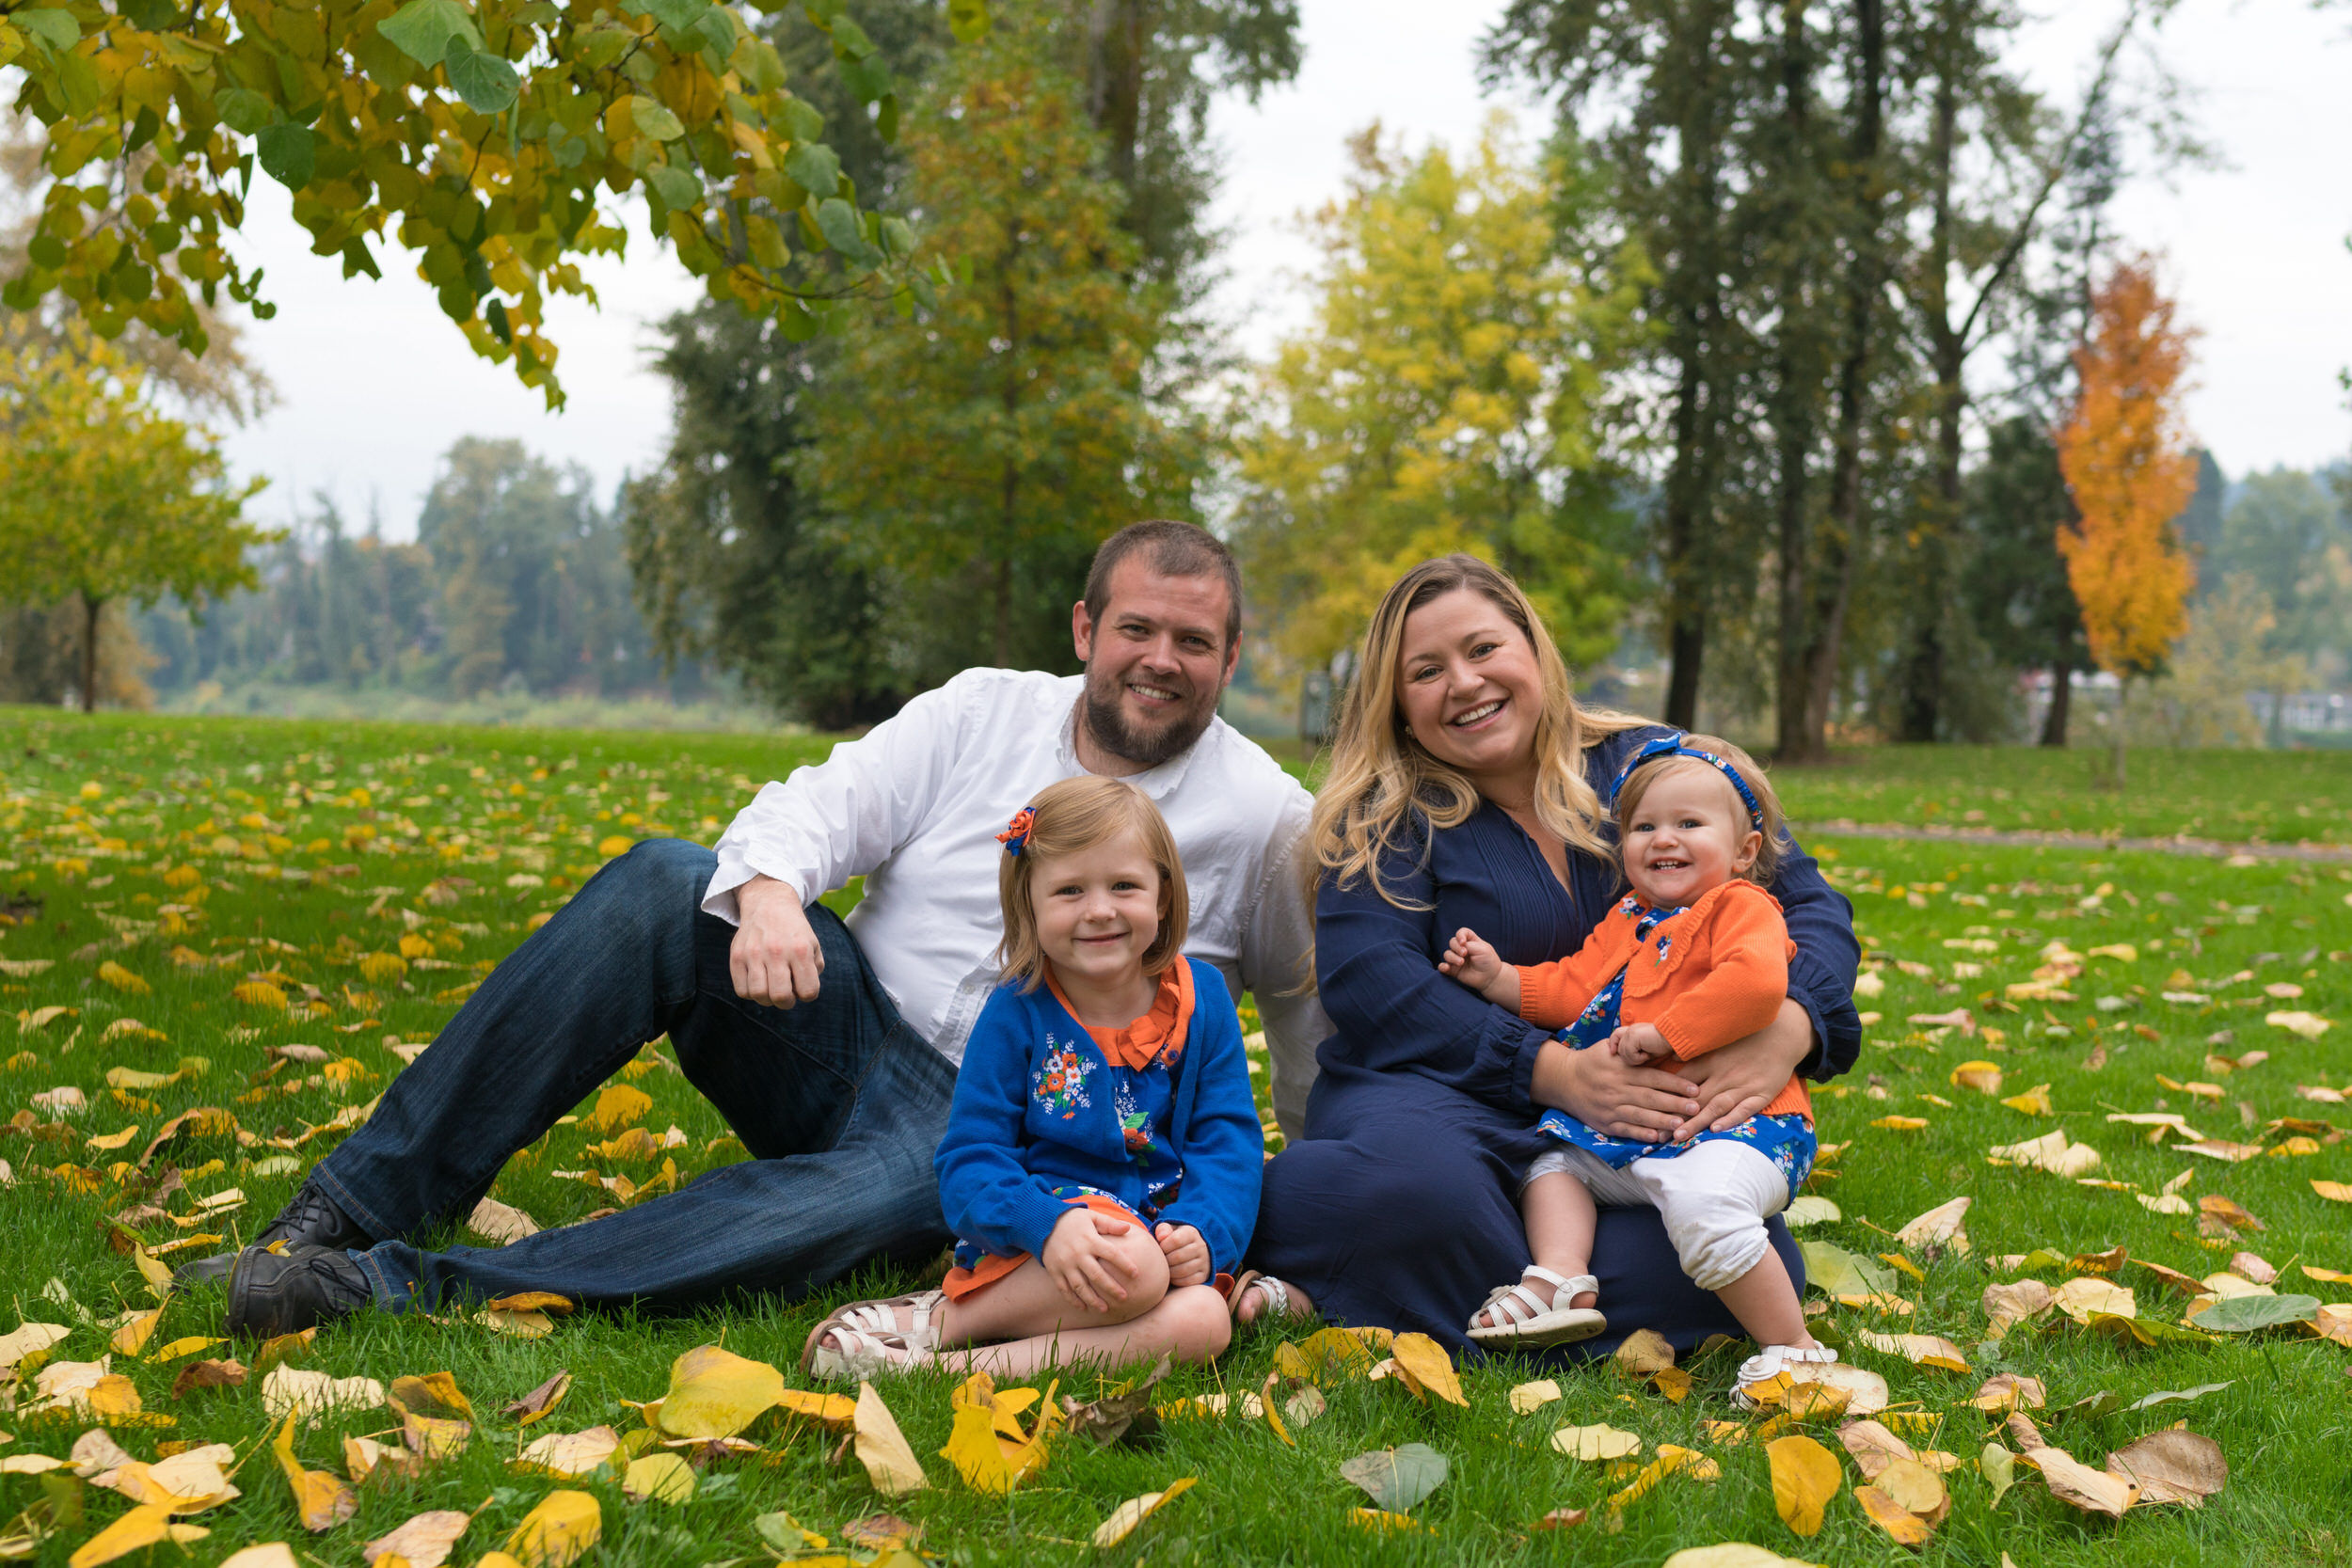 West-Linn-Oregon-Family-Photography .jpg